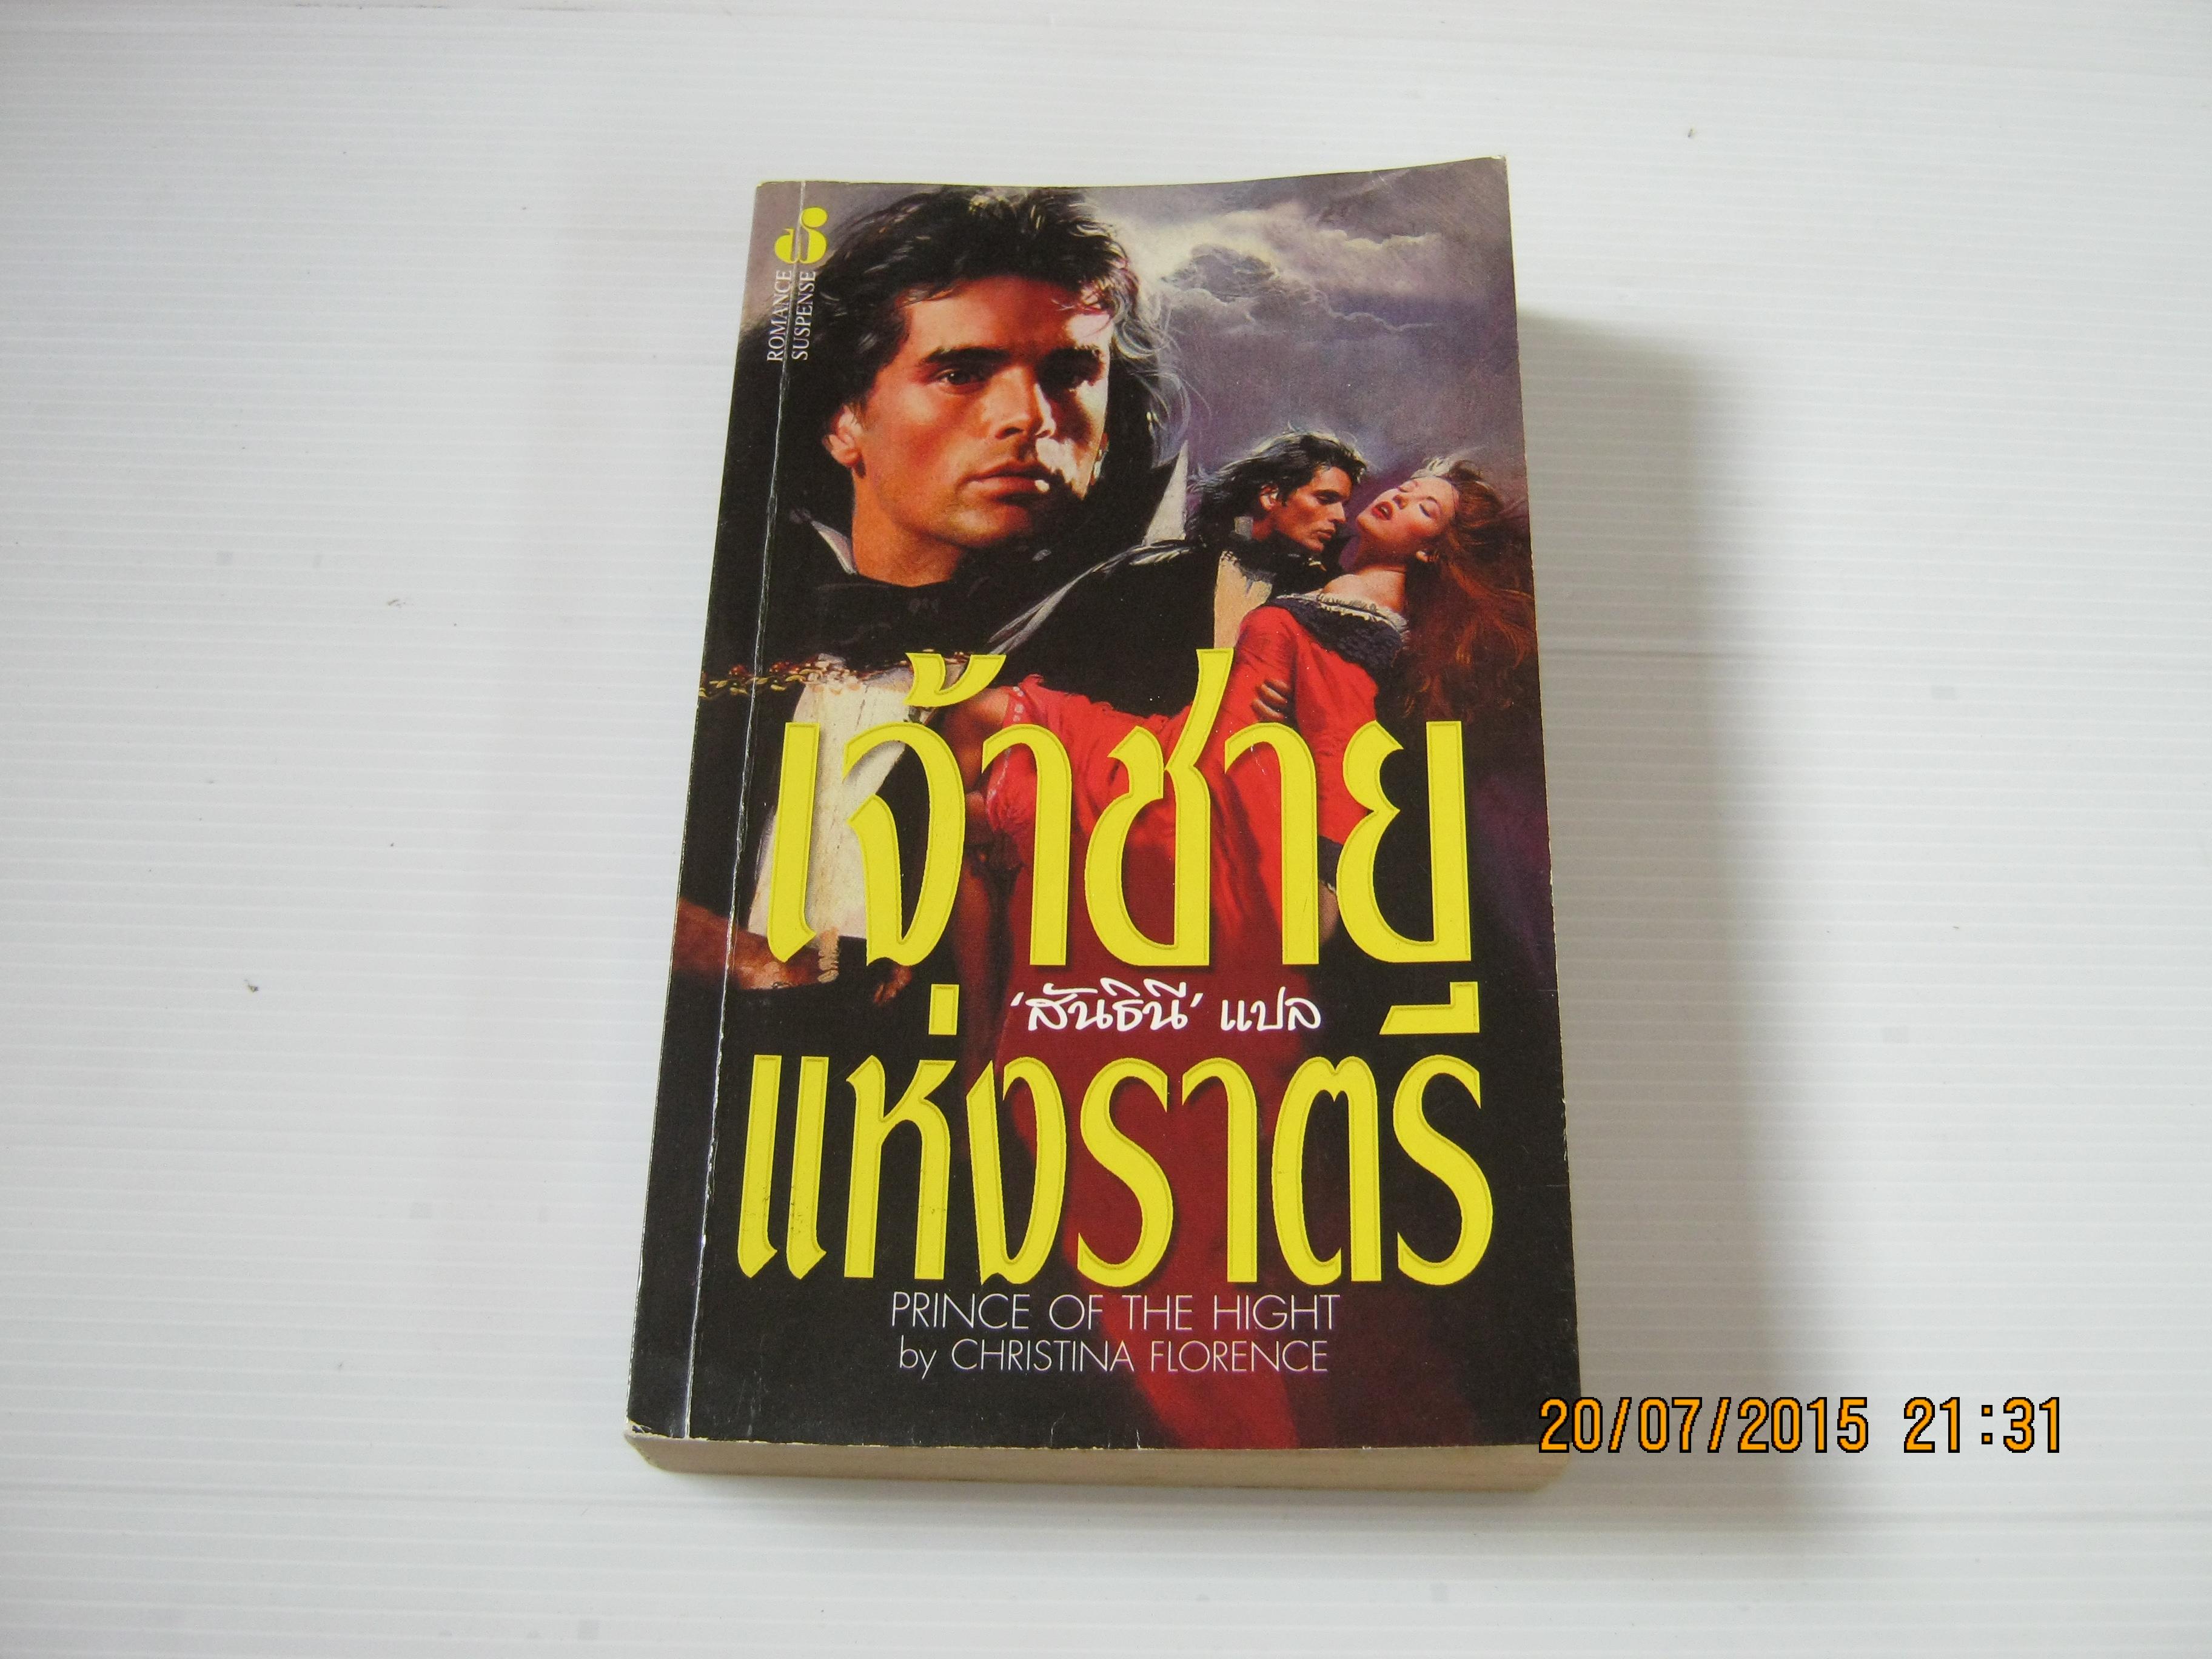 เจ้าชายแห่งราตรี (Prince of The Hight) Christina Florence เขียน สันธินี แปล